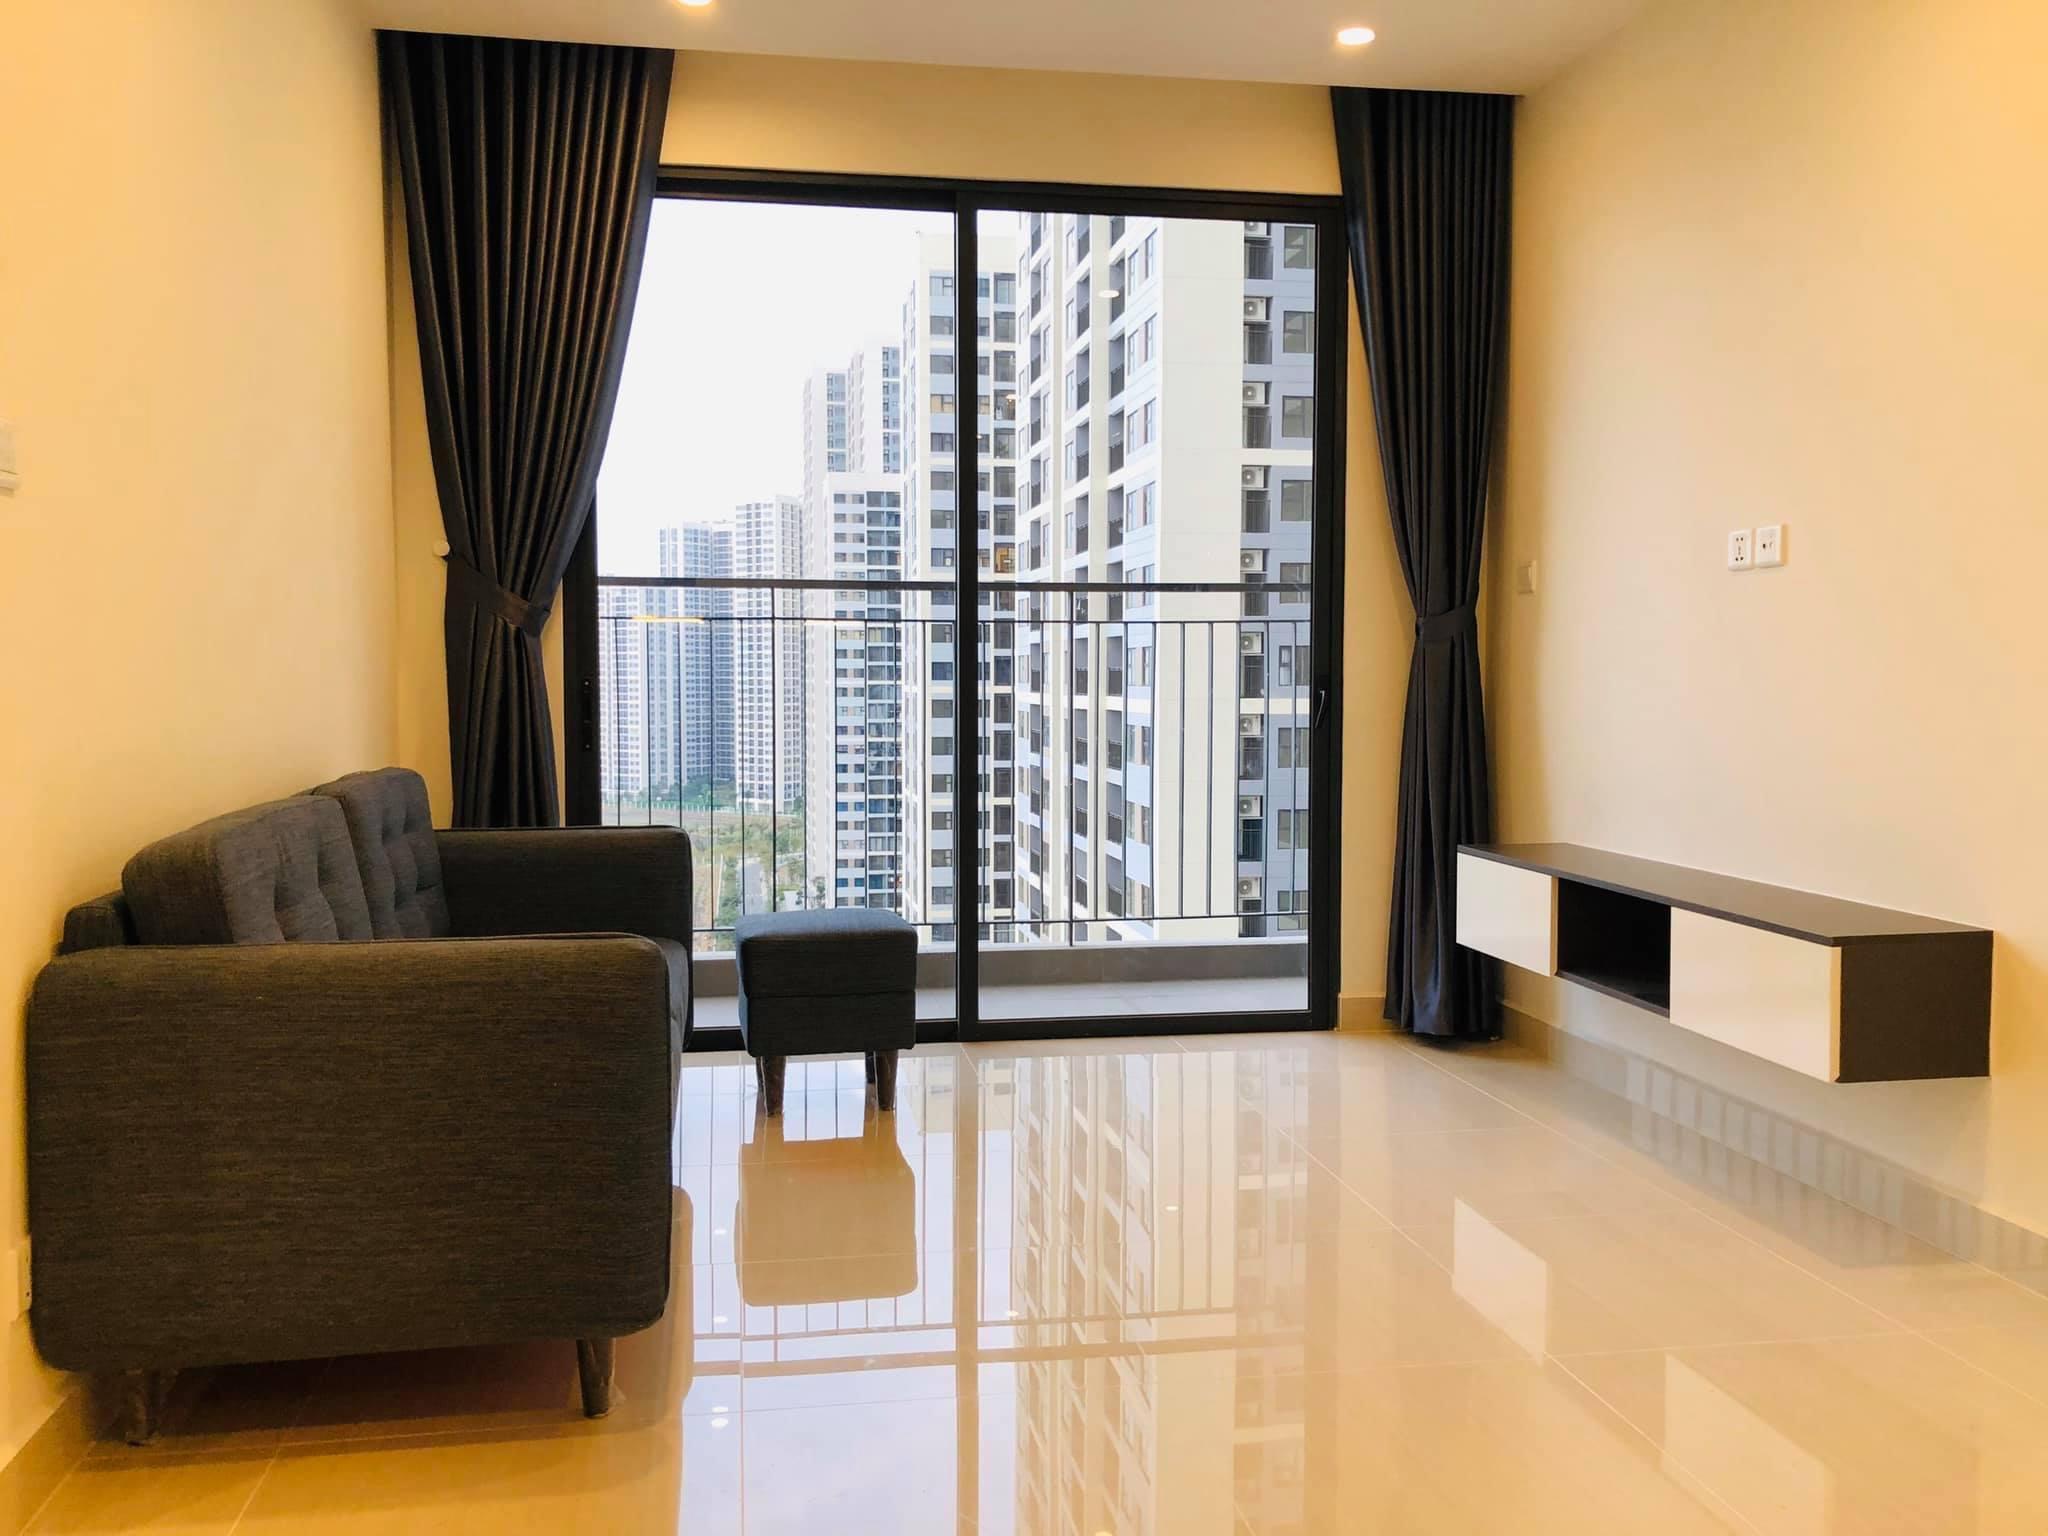 Căn hộ 2 phòng ngủ 1wc tầng 10 S1.02 Vinhomes Grand Park 6tr/tháng 1